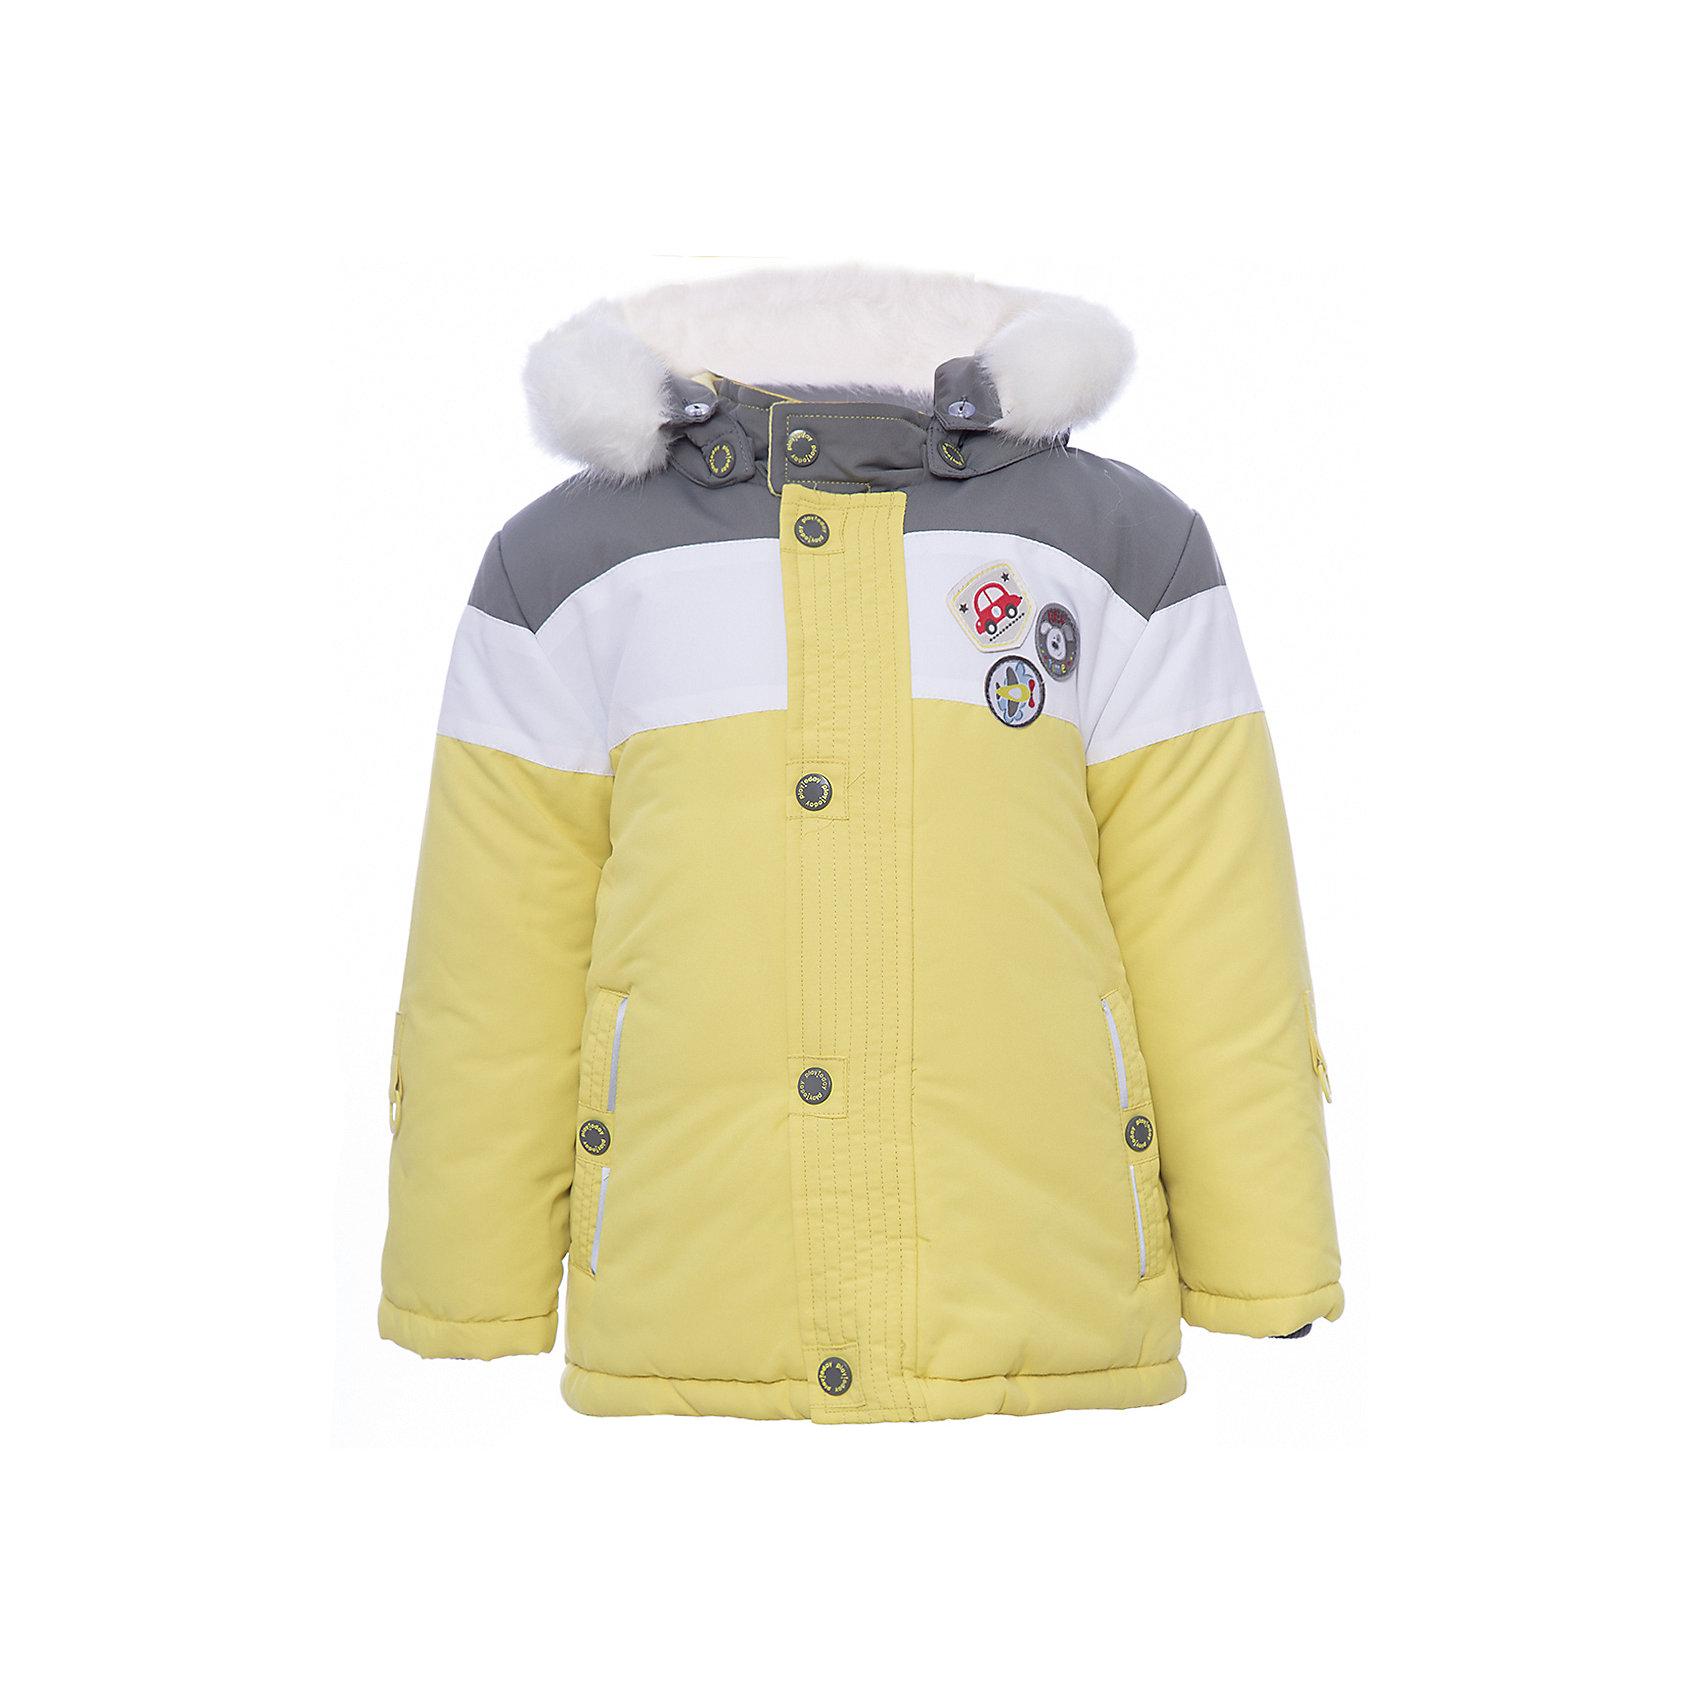 Куртка PlayToday для мальчикаВерхняя одежда<br>Куртка PlayToday для мальчика<br>Куртка из ткани с водоотталкивающей пропиткой будет актуальна в холодную погоду. Капюшон на кнопках, декорирован искусственным мехом по контуру. Модель на молнии, с заниженной спинкой, дополнена снегозащитной юбкой. Подкладка из мягкого велюра. В качестве декора использованы небольшие аппликации. Рукава дополнены специальными кольцами для перчаток. Низ куртки на регулируемом шнуре - кулиске.<br>Состав:<br>Верх: 100% полиэстер, подкладка: 80% хлопок, 20% полиэстер, Утеплитель 100% полиэстер, 300 г/м2<br><br>Ширина мм: 356<br>Глубина мм: 10<br>Высота мм: 245<br>Вес г: 519<br>Цвет: белый<br>Возраст от месяцев: 18<br>Возраст до месяцев: 24<br>Пол: Мужской<br>Возраст: Детский<br>Размер: 92,74,80,86<br>SKU: 7109859